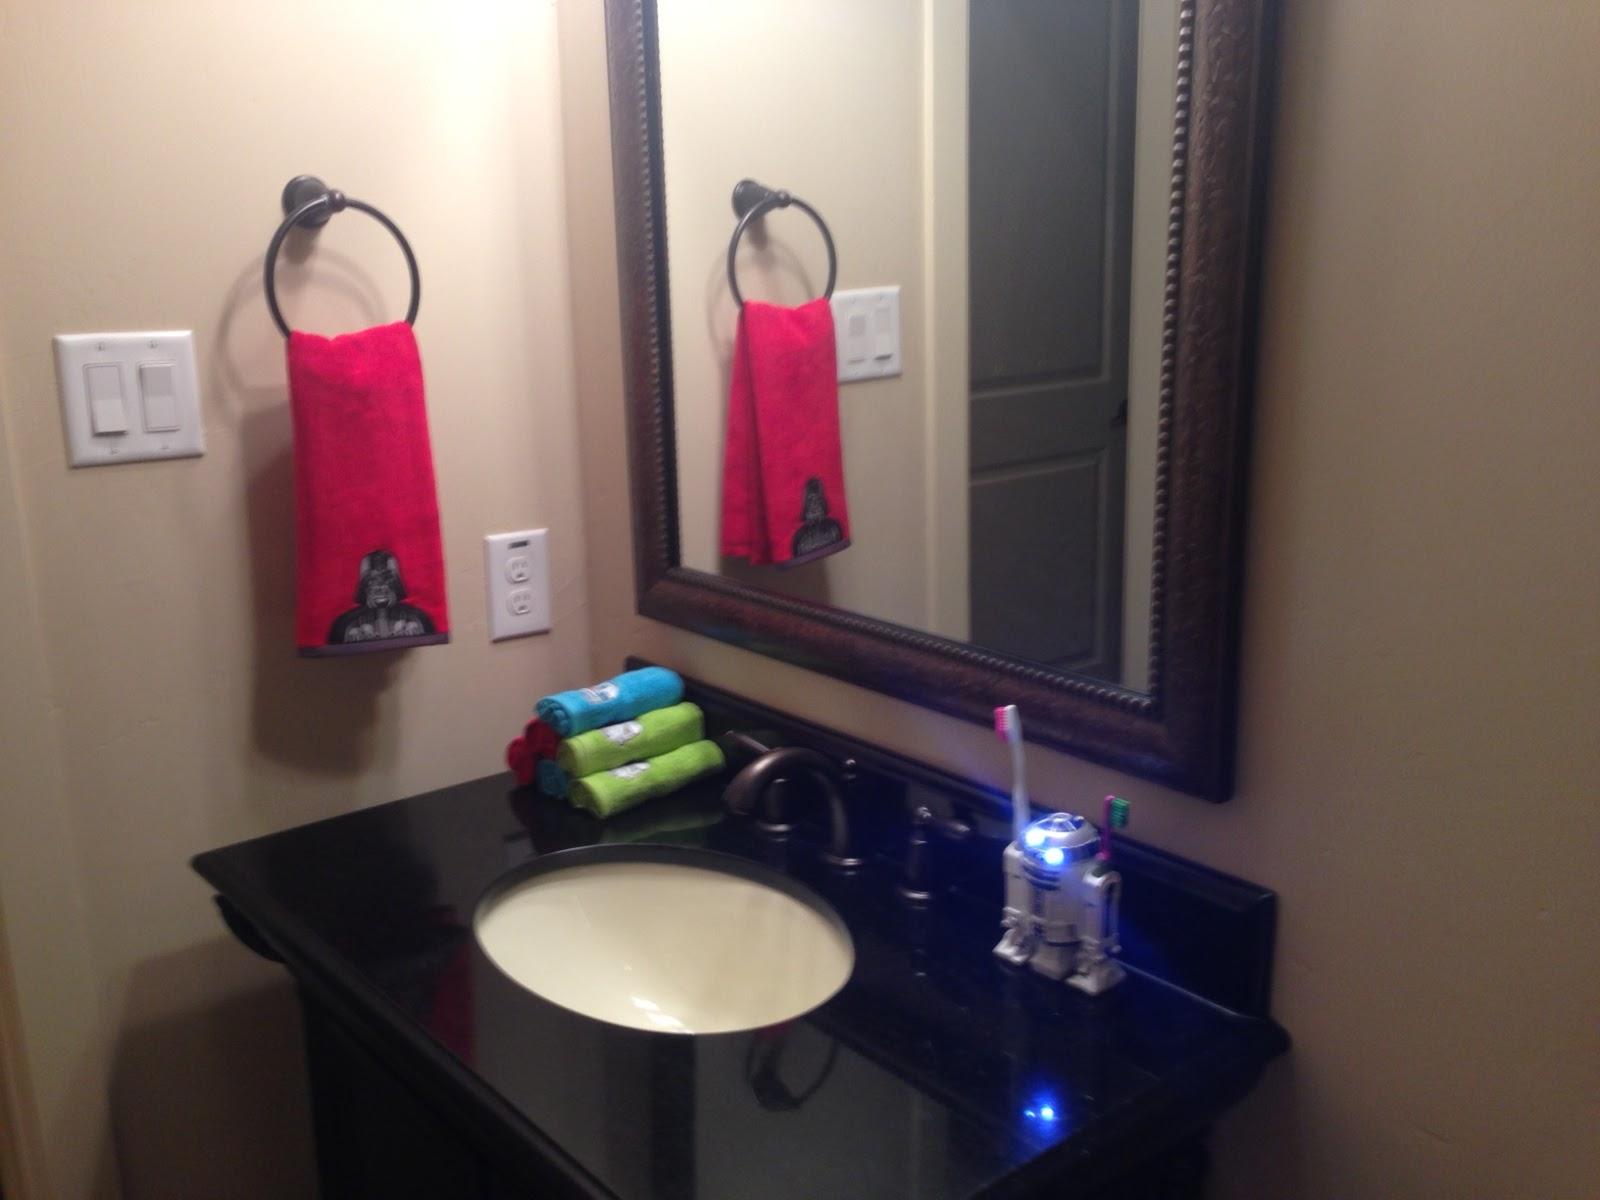 Star Wars Bathroom Makeover With A Diy Light Saber Towel